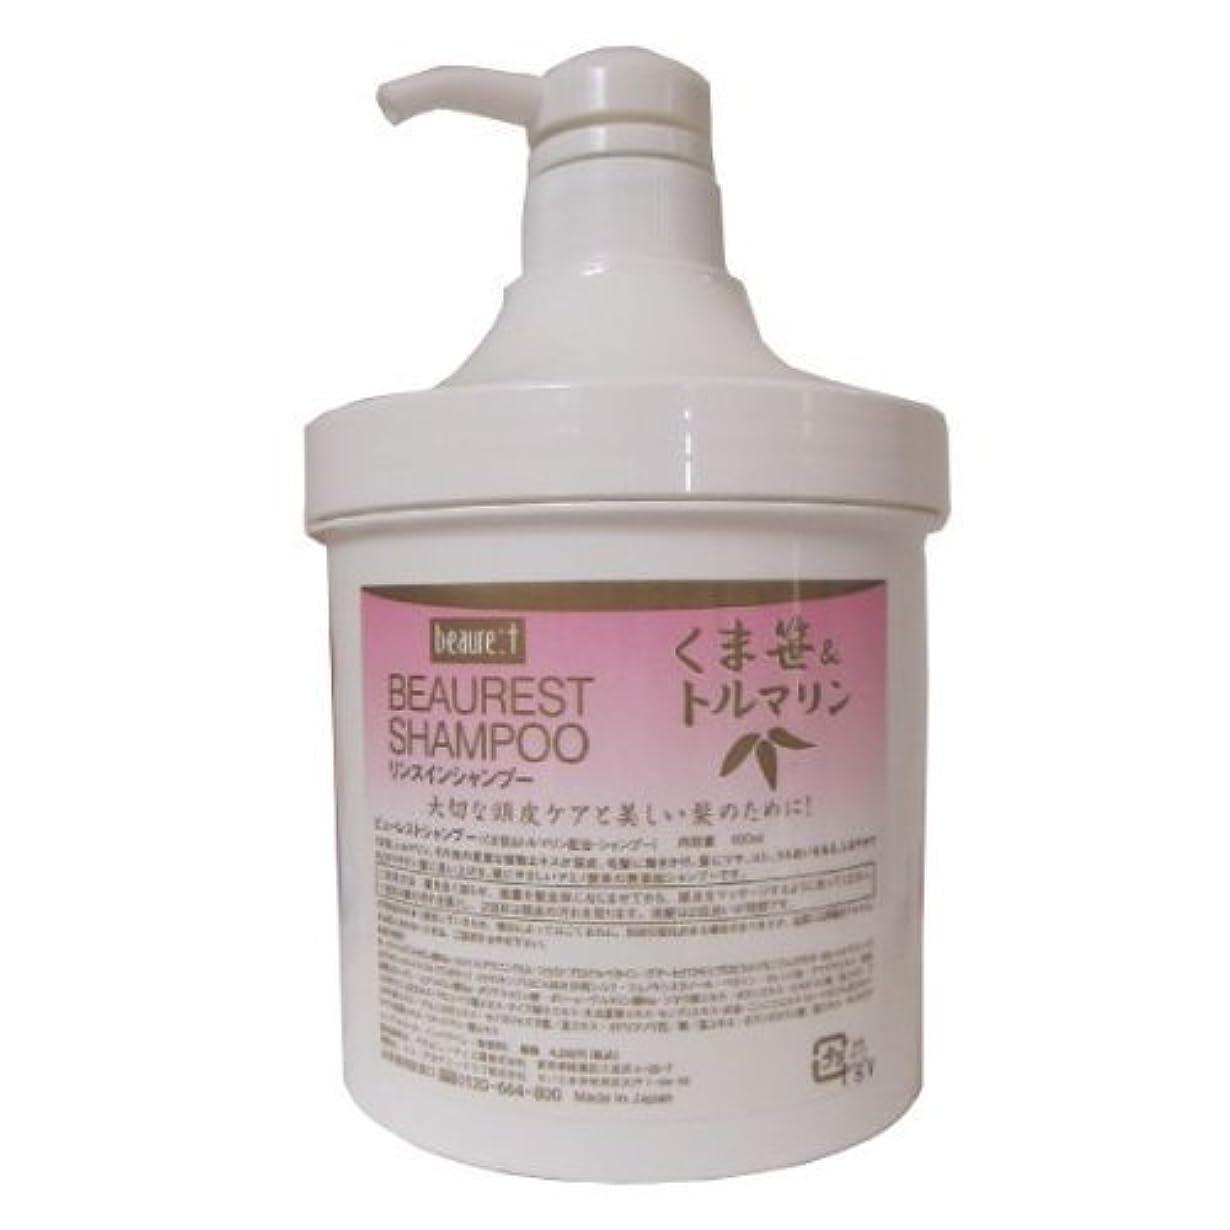 解明煙袋ビューレストシャンプー(くま笹&トルマリン配合リンスインシャンプー500ml)